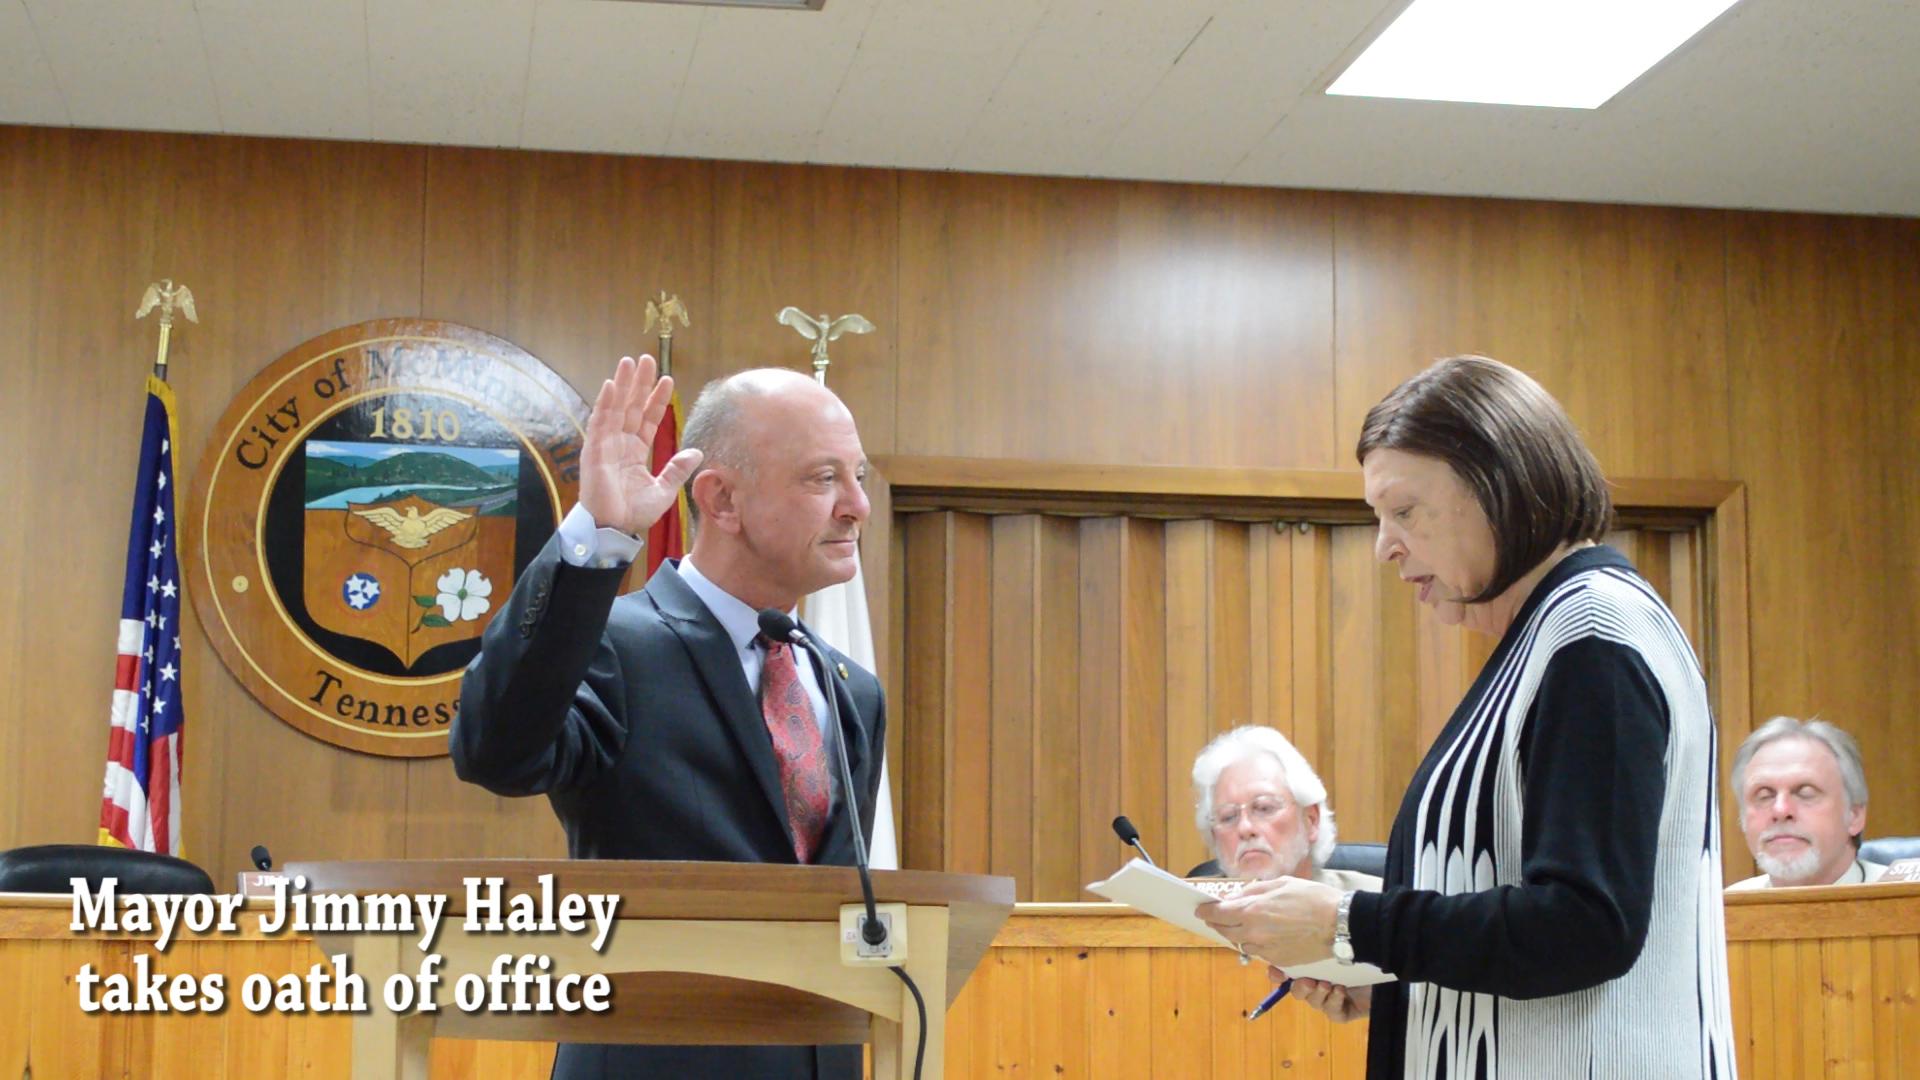 VIDEO: Mayor Jimmy Haley sworn in